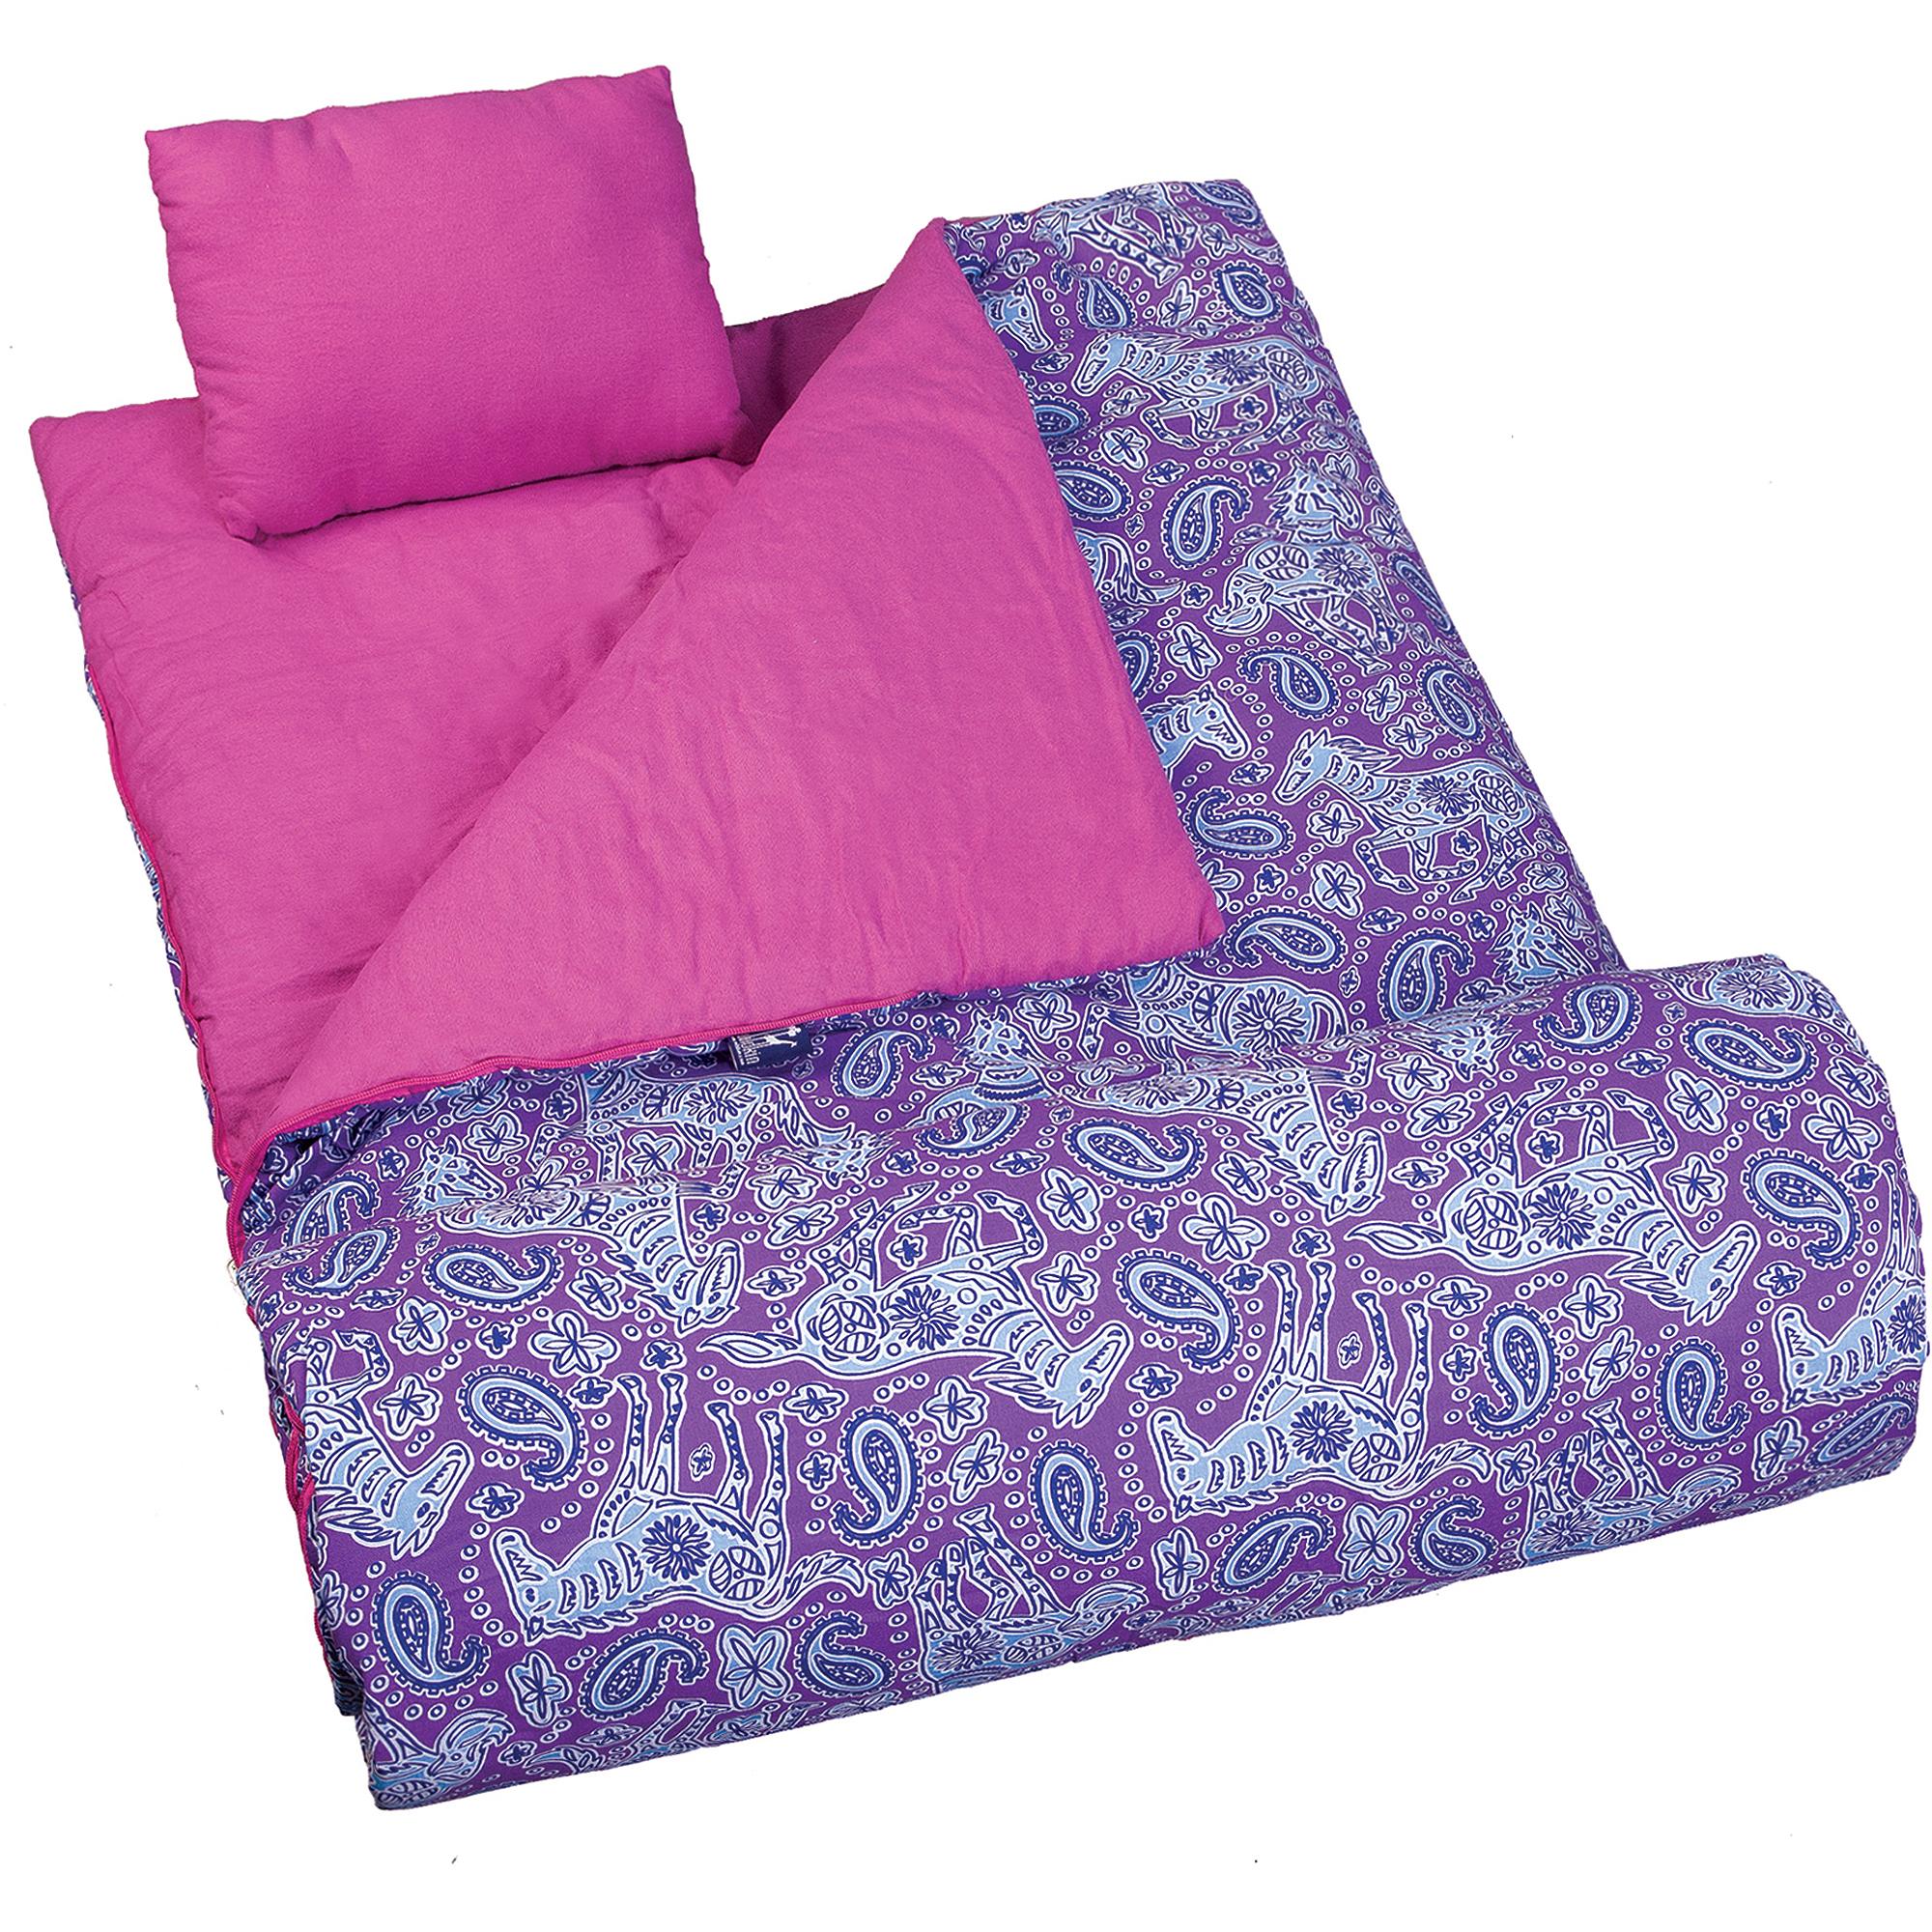 Wildkin Kids' Watercolor Ponies Sleeping Bag, Purple